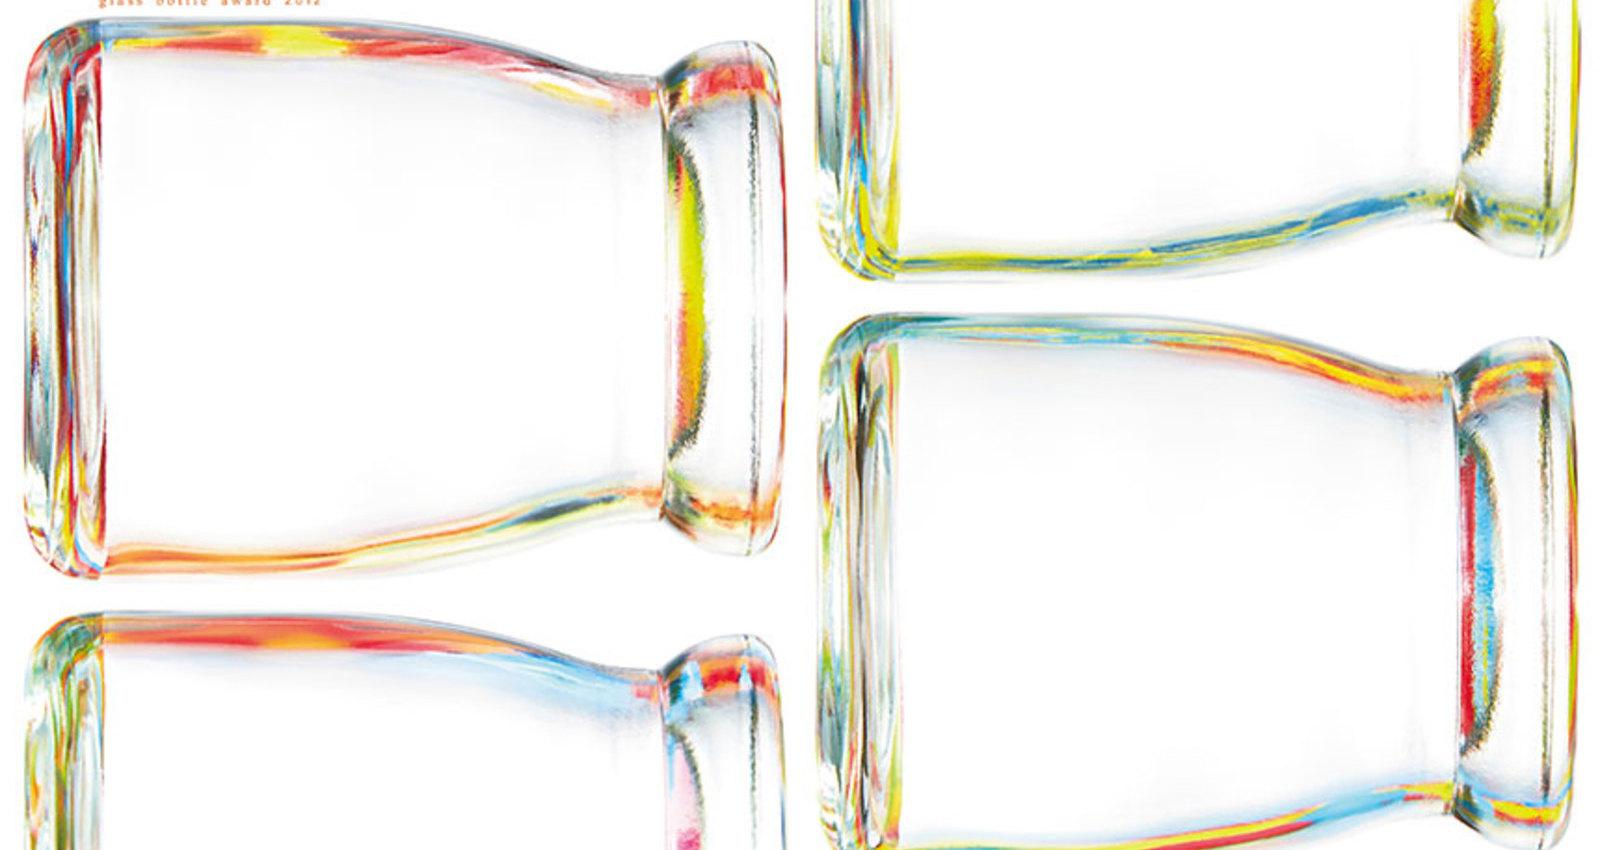 GLASS BOTTLE AWARD 2012 POSTER